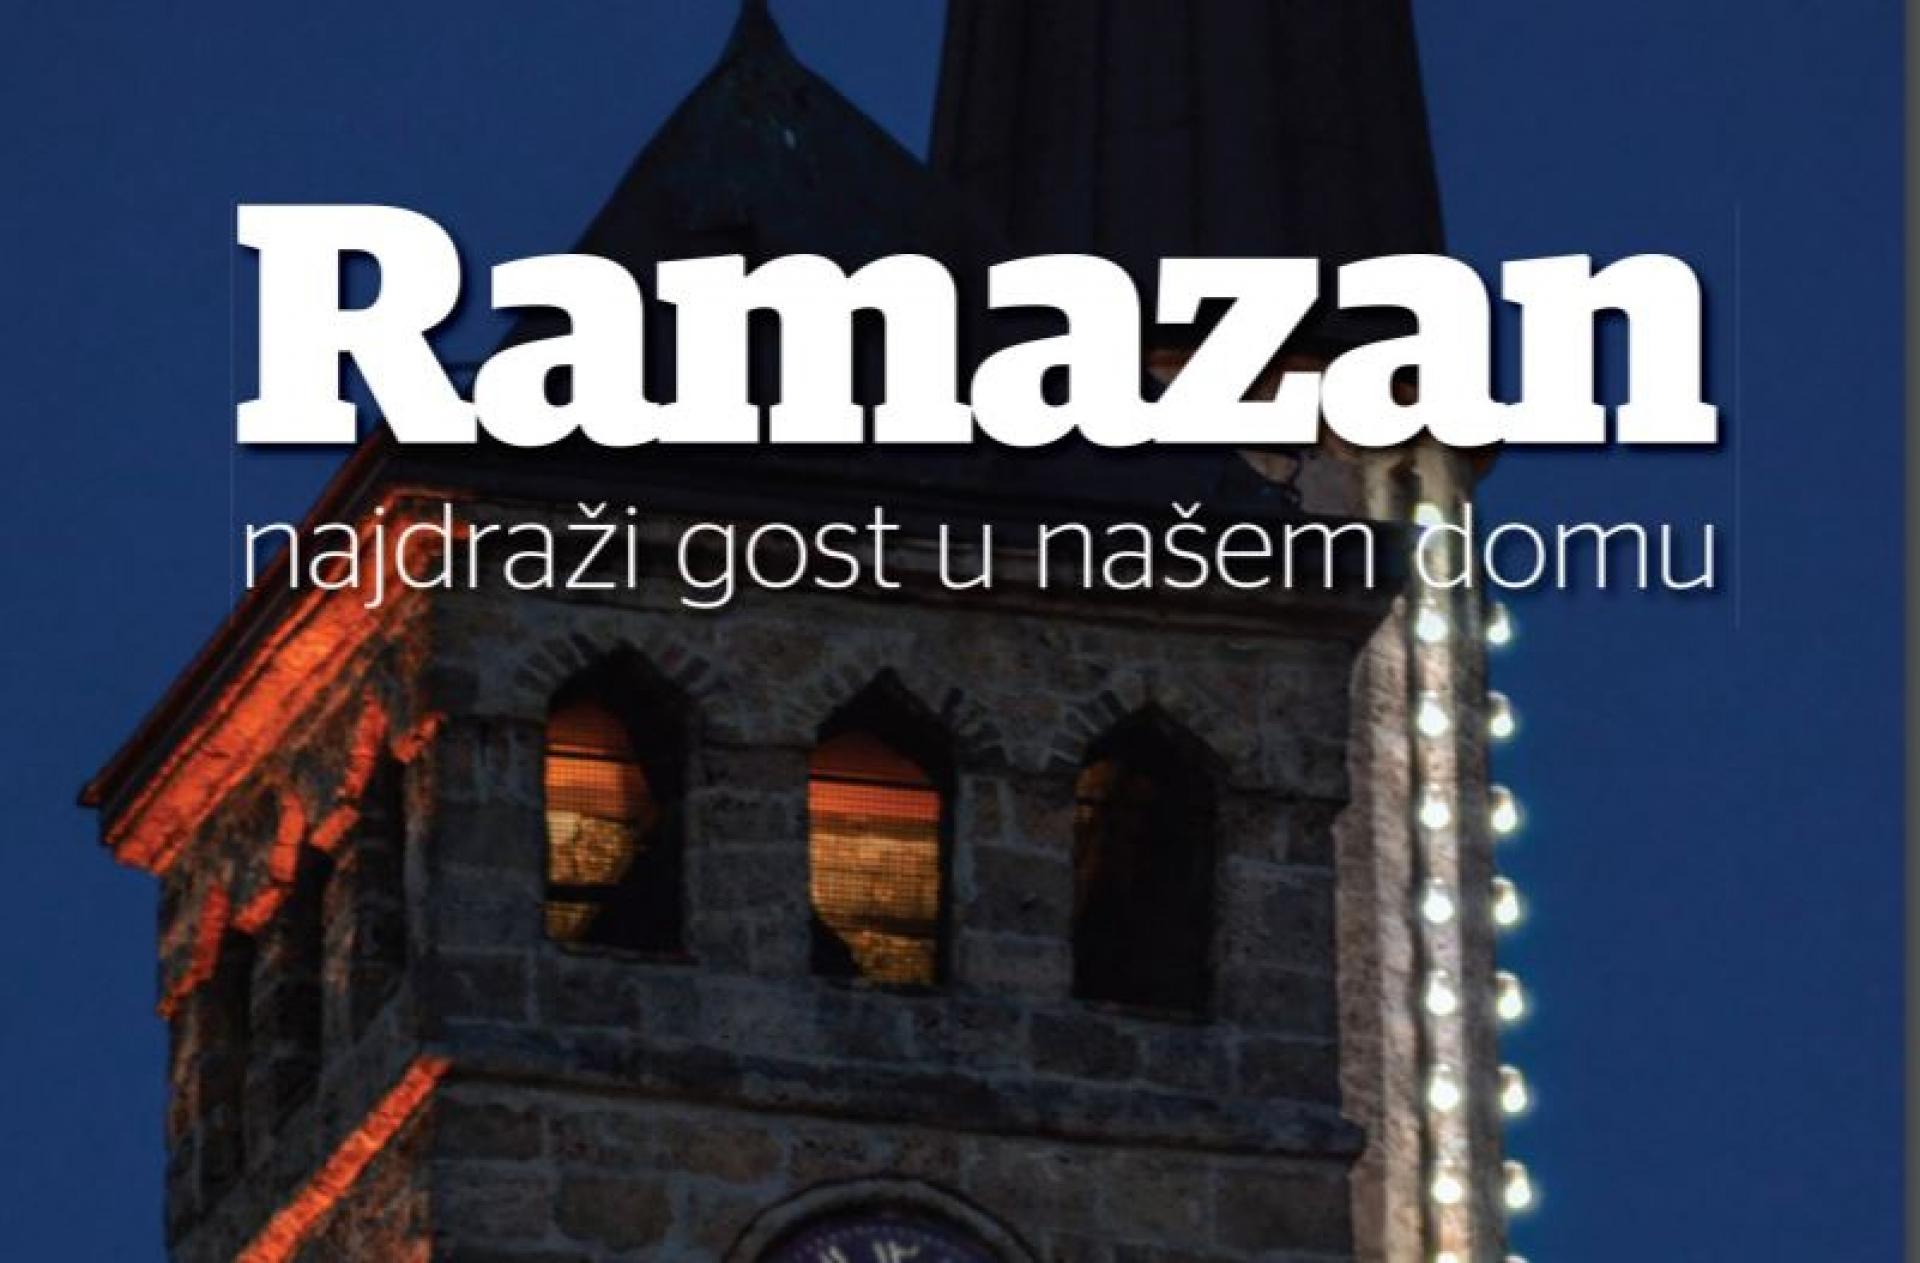 Preuzmite publikaciju o ramazanu